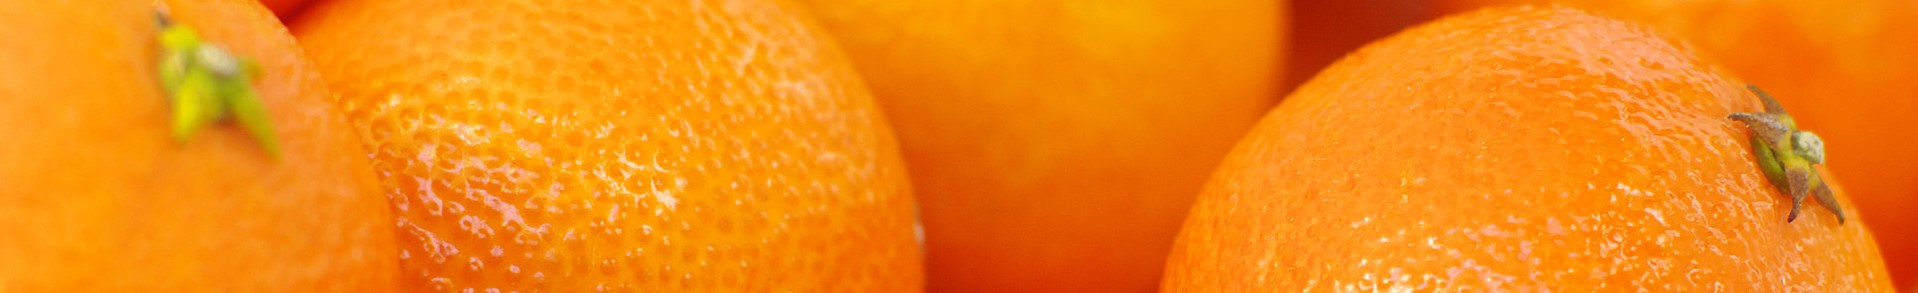 frutta - fruit